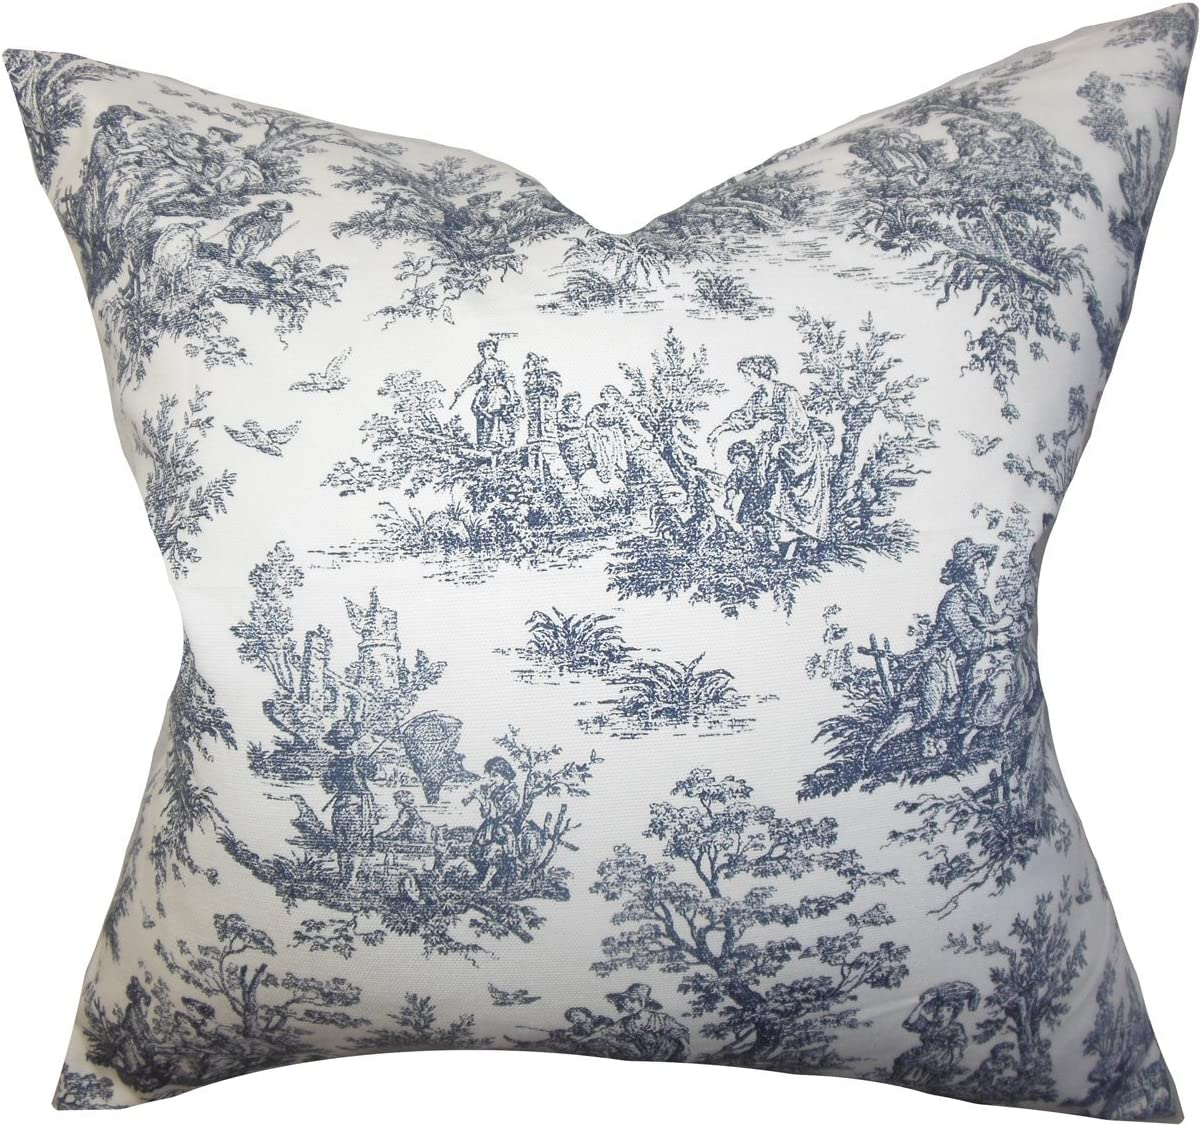 The Pillow Collection Evlia Toile Etoile Bedding Sham Blue Standard//20 x 26